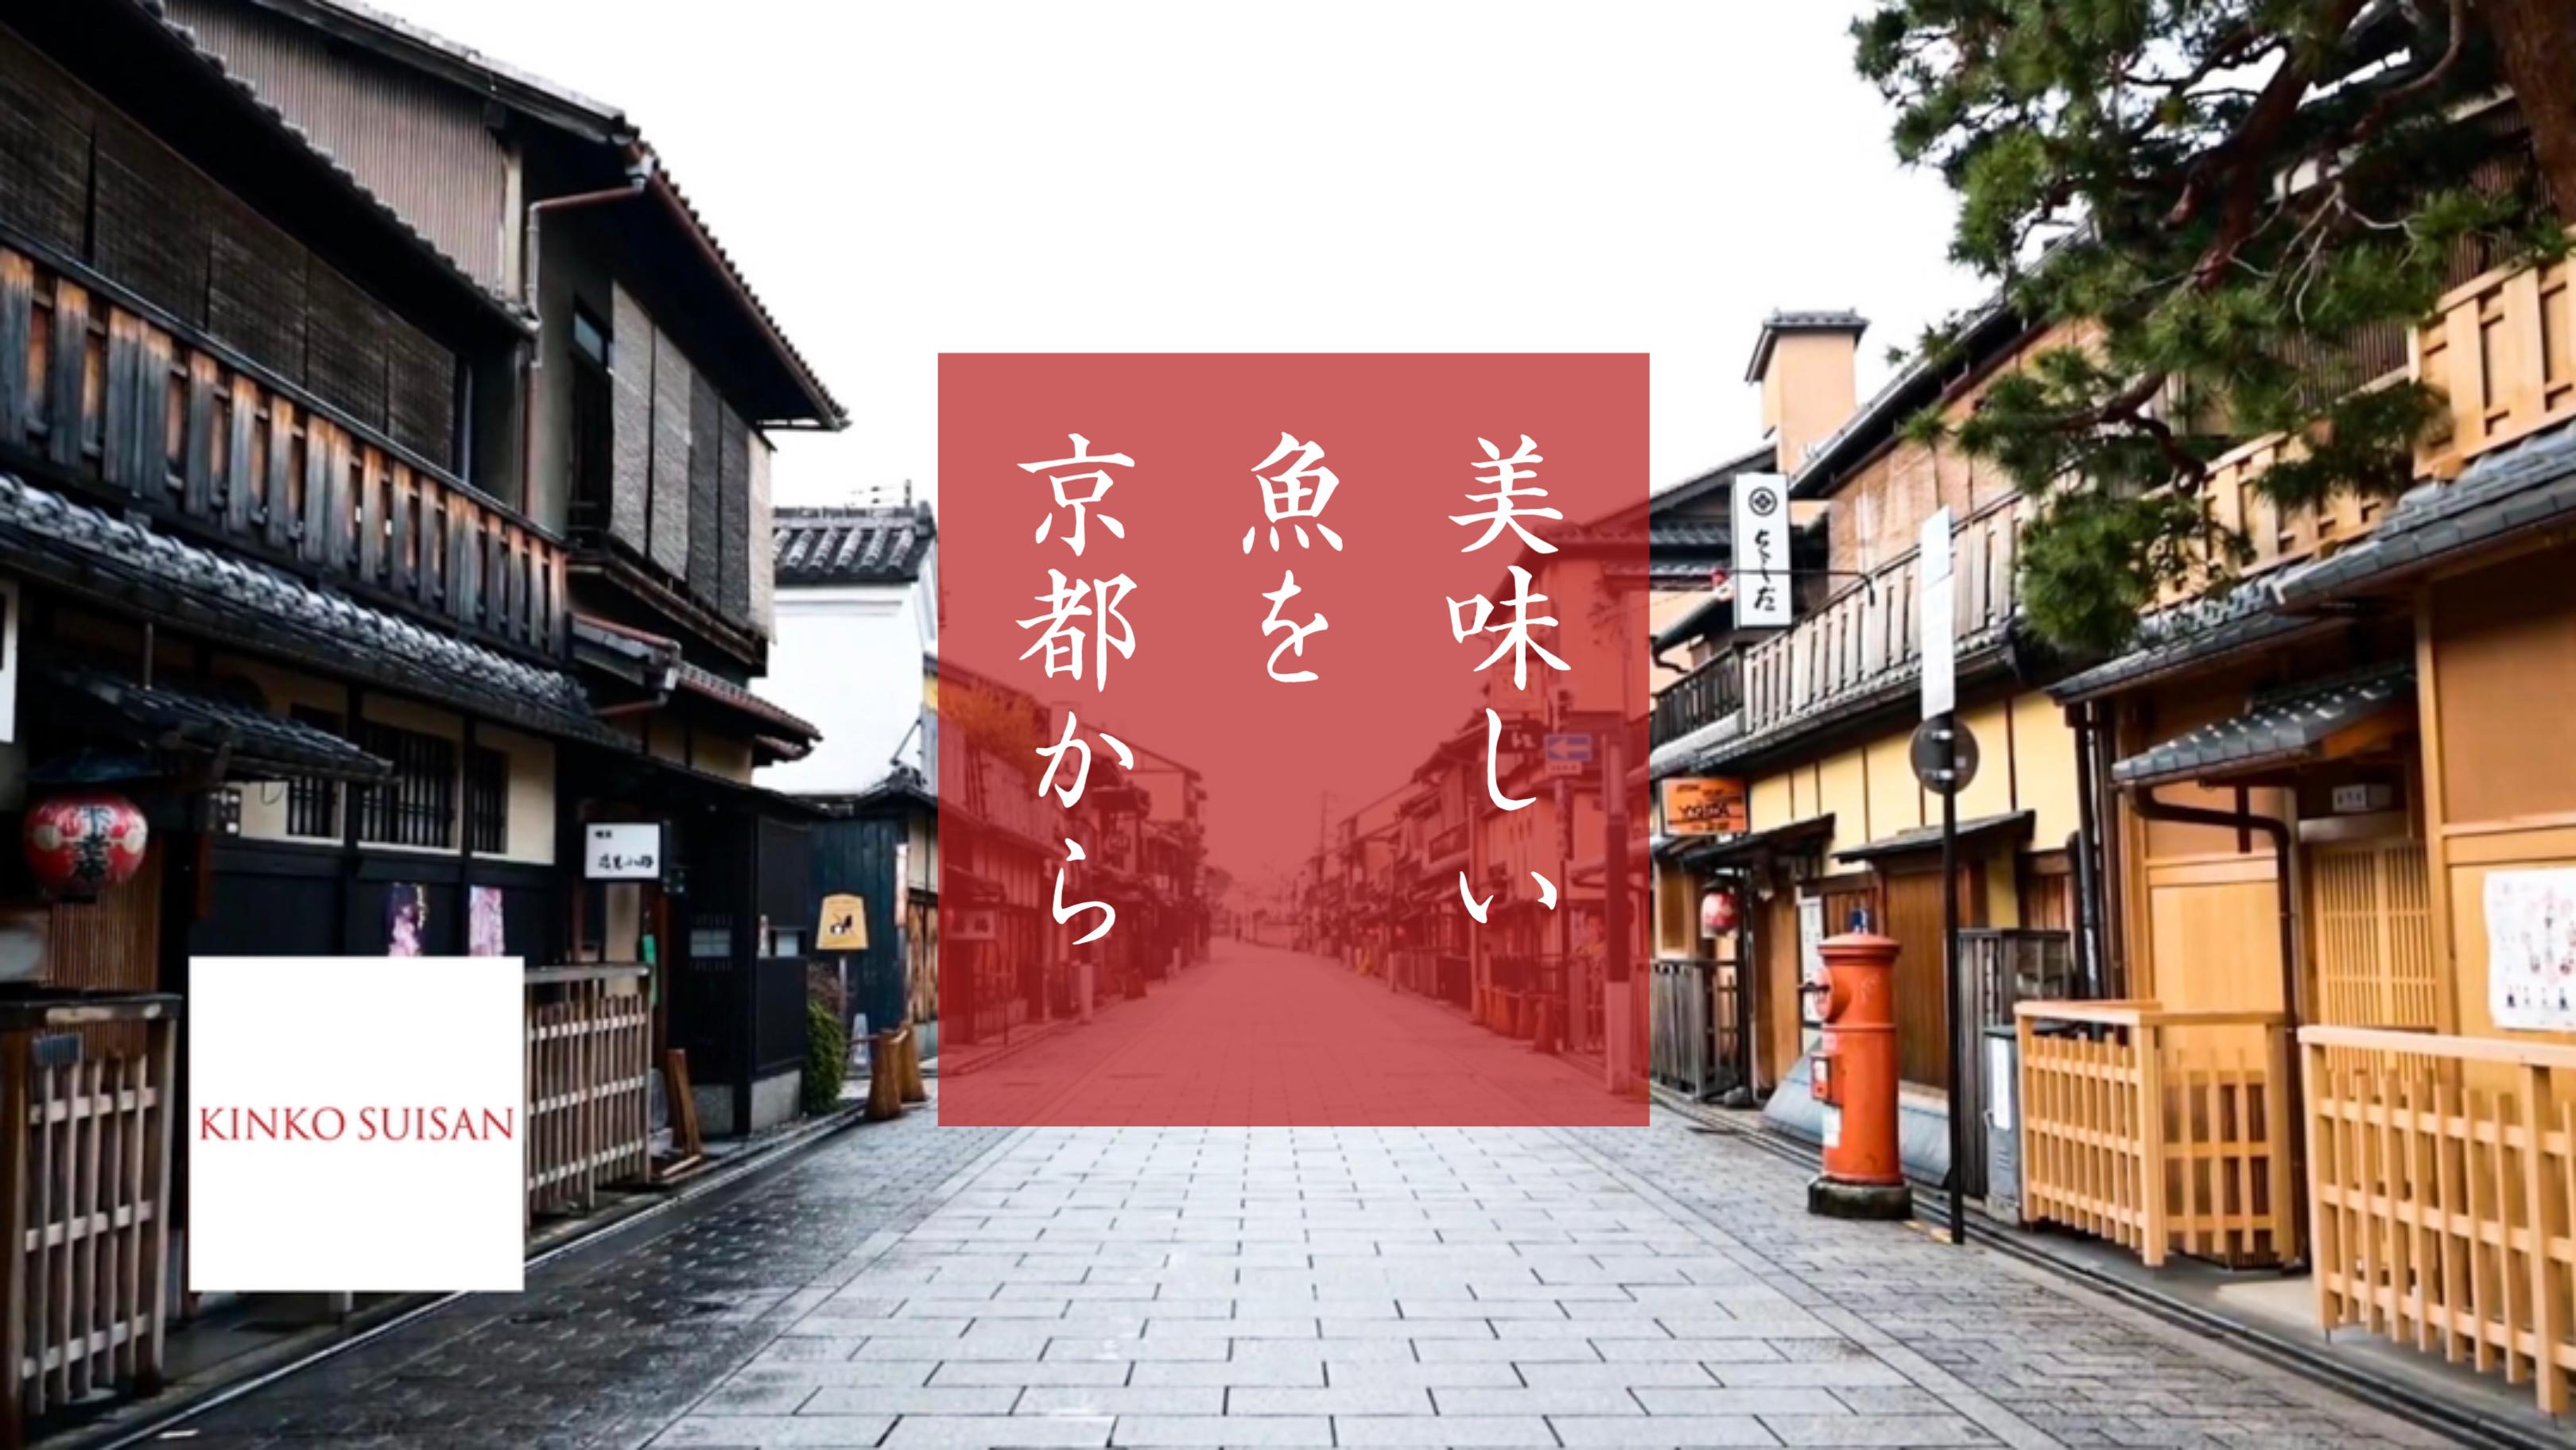 私ども近幸水産は明治から親子四代、京都で鮮魚店を営んでおります。